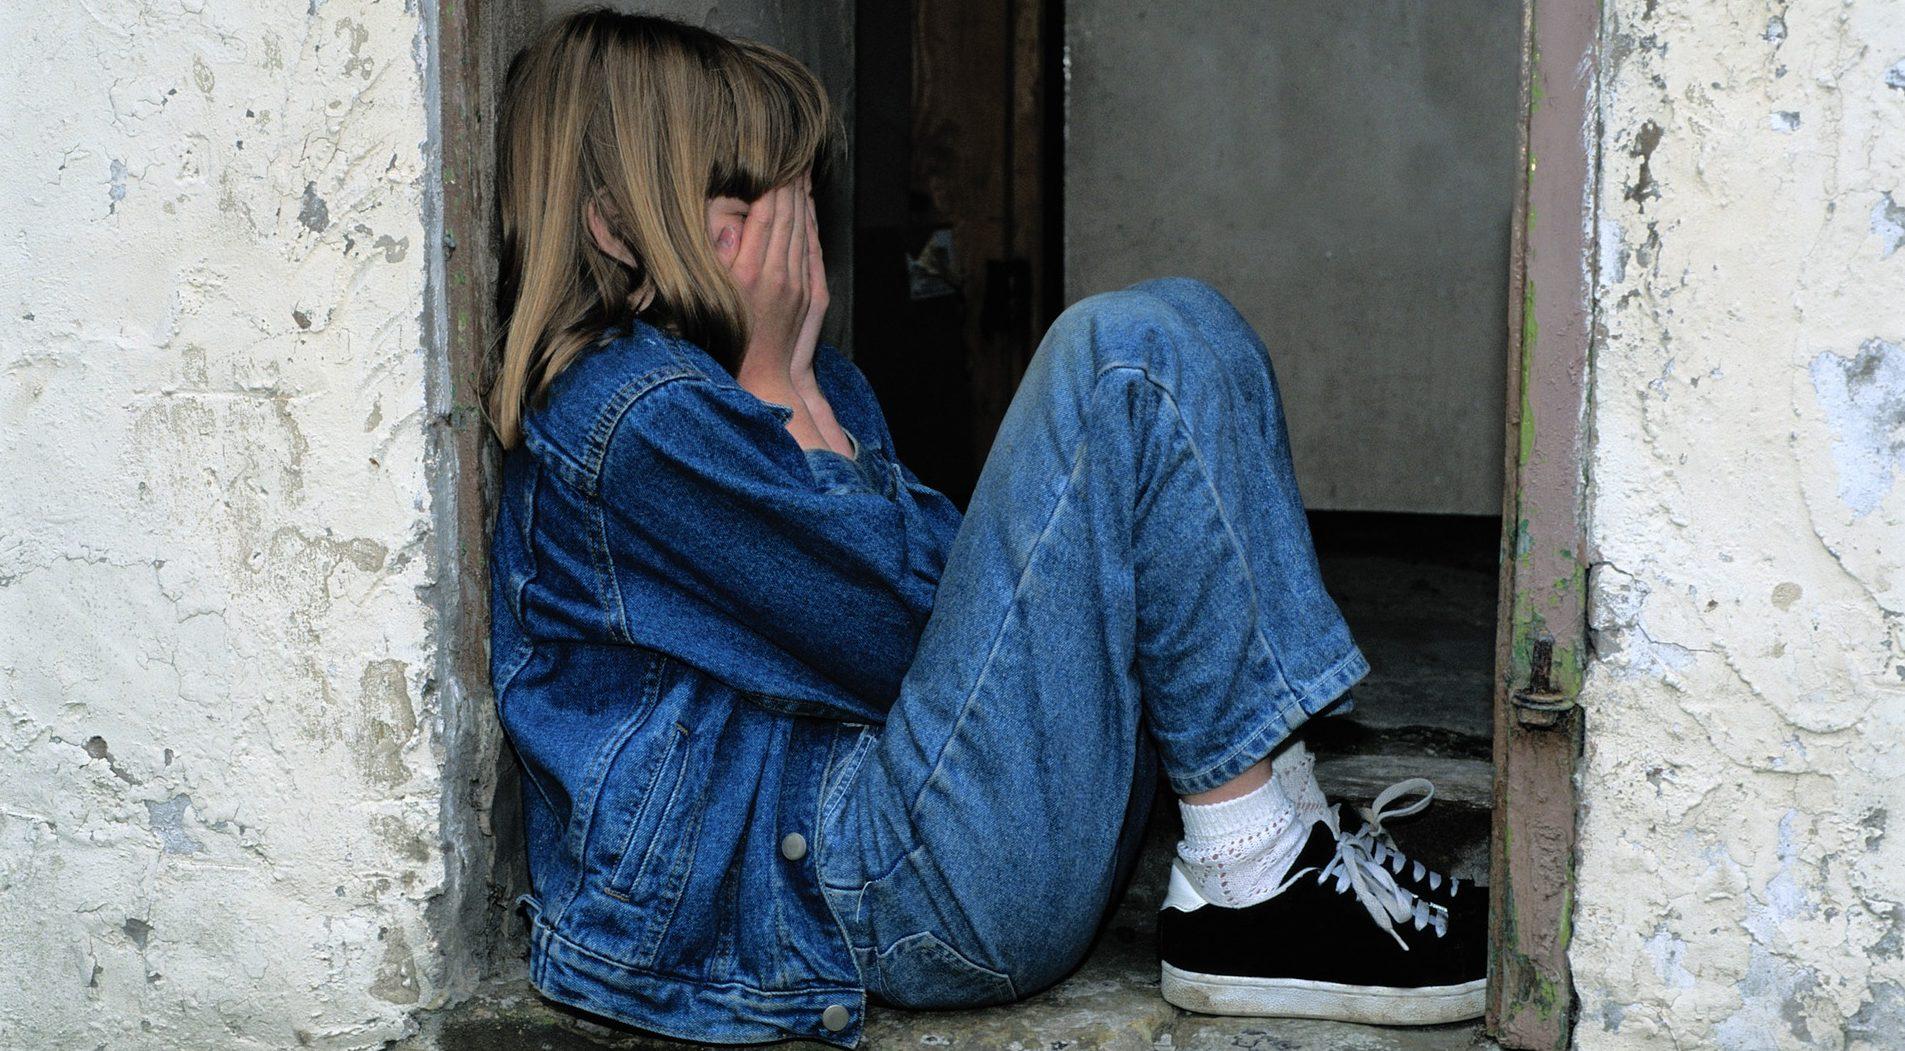 child-sitting-1816400_1920-e1528047663509